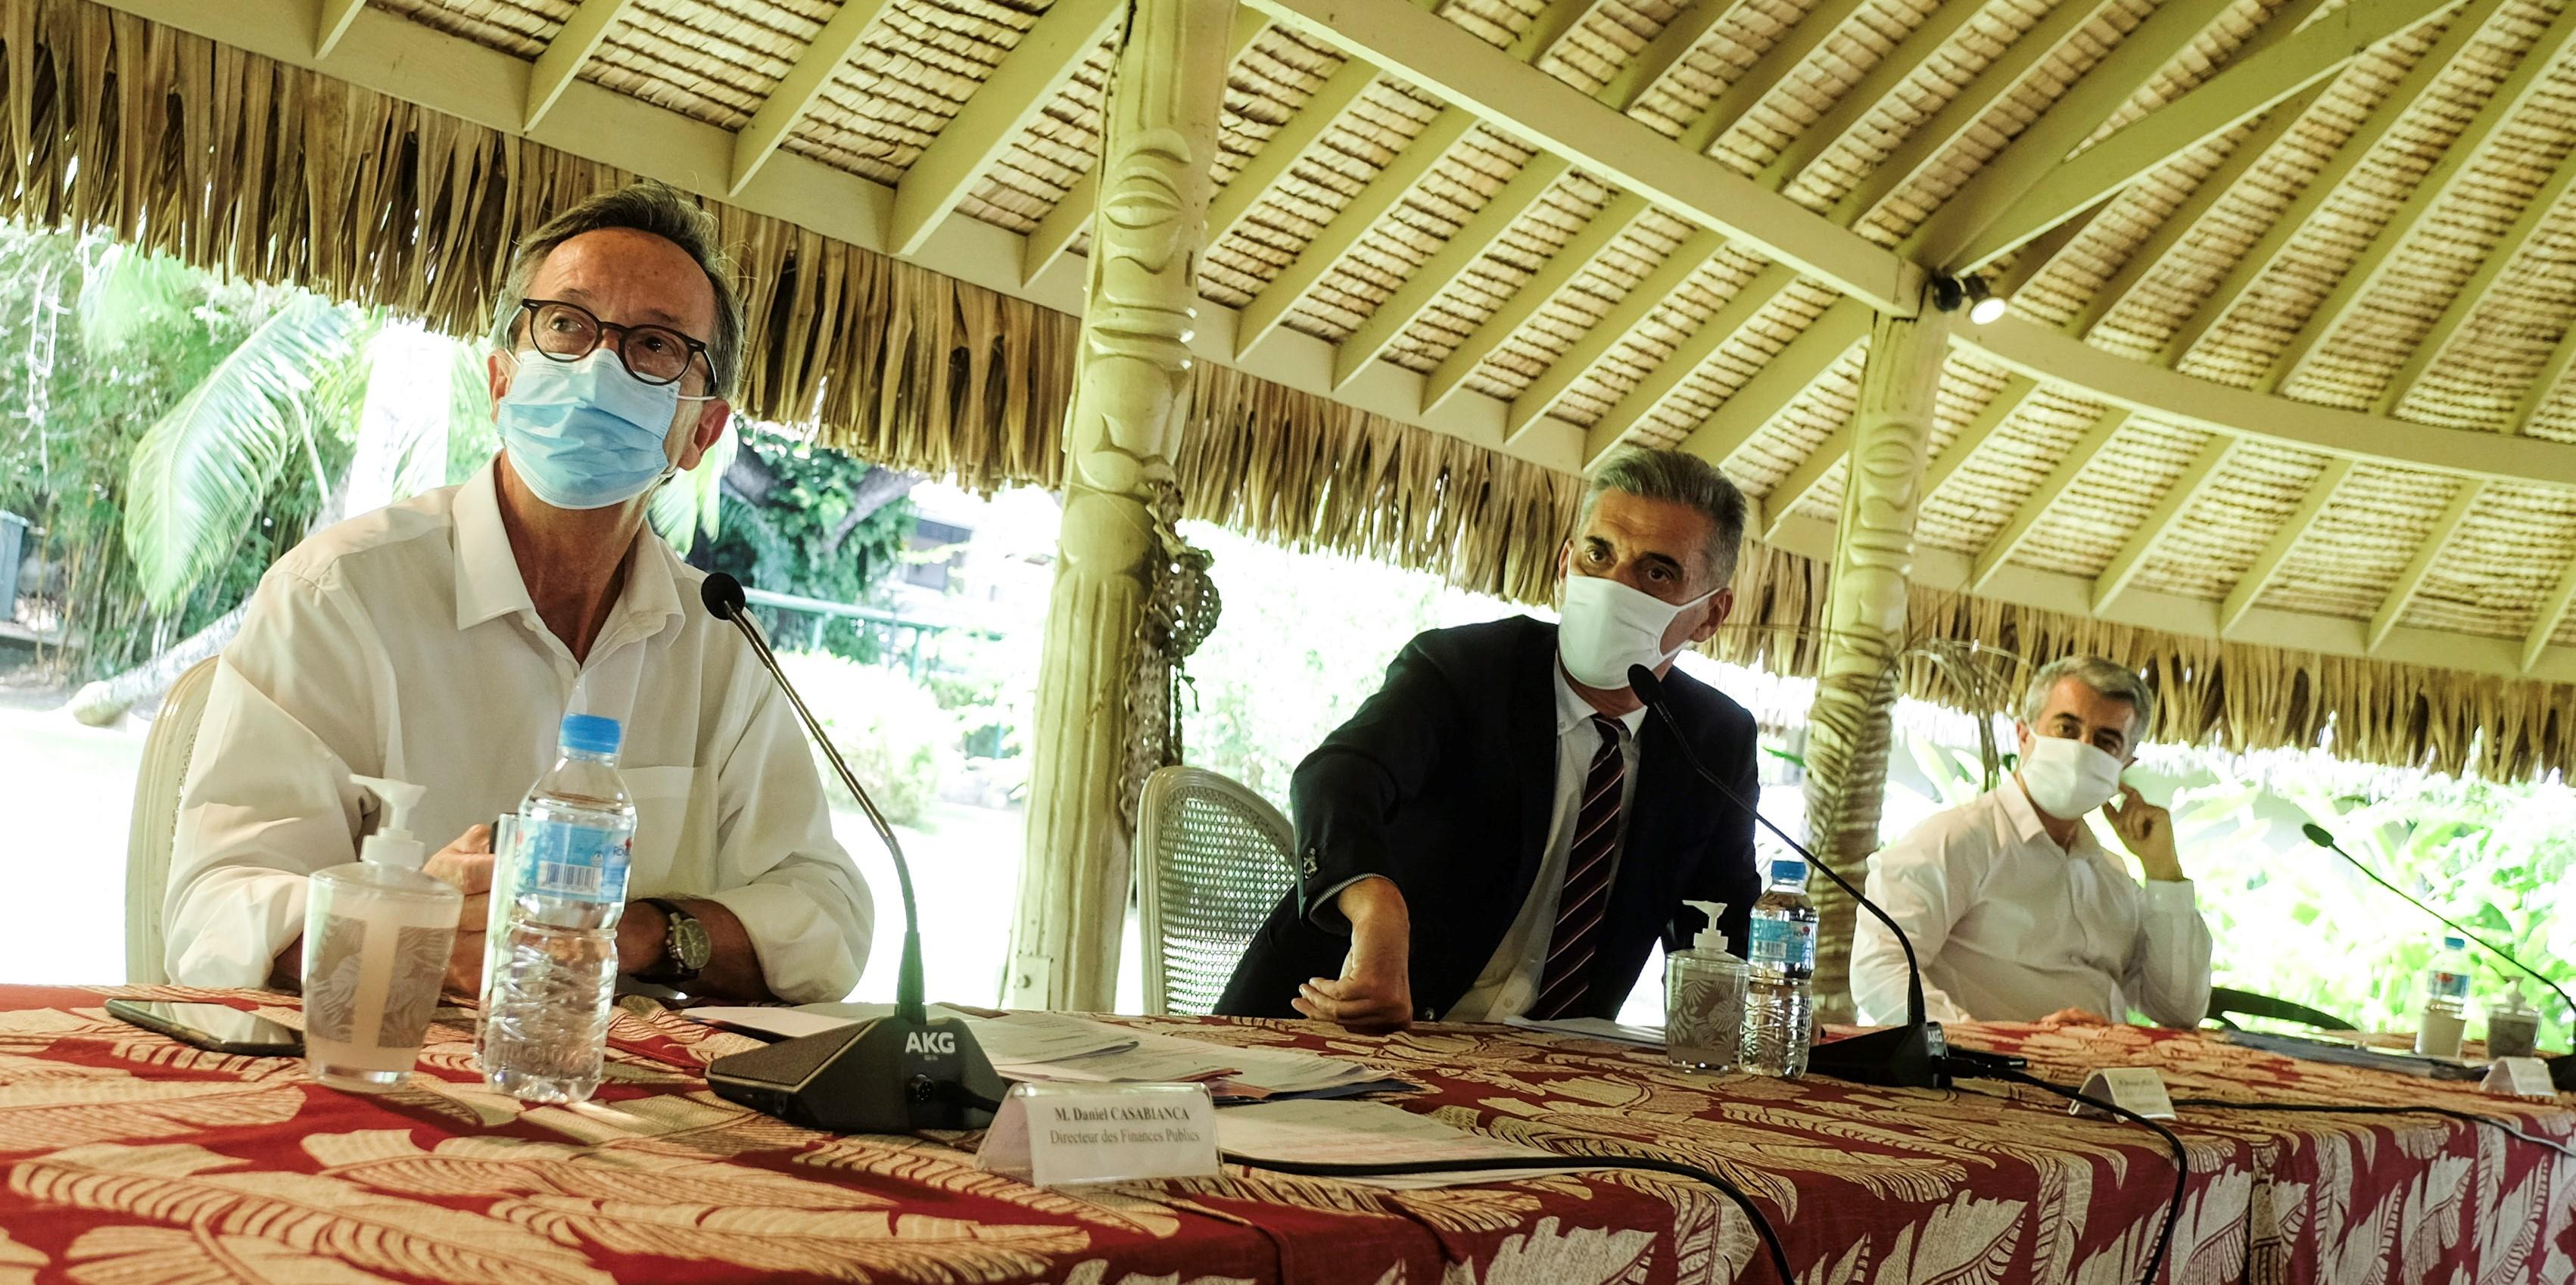 """""""L'objectif c'est de donner un bouclier aux entreprises, pour les protéger et les aider à passer ce cap très difficile lié notamment à l'arrêt de l'activité touristique sur le territoire"""", a insisté Dominique Sorain, haut-commissaire de la République."""